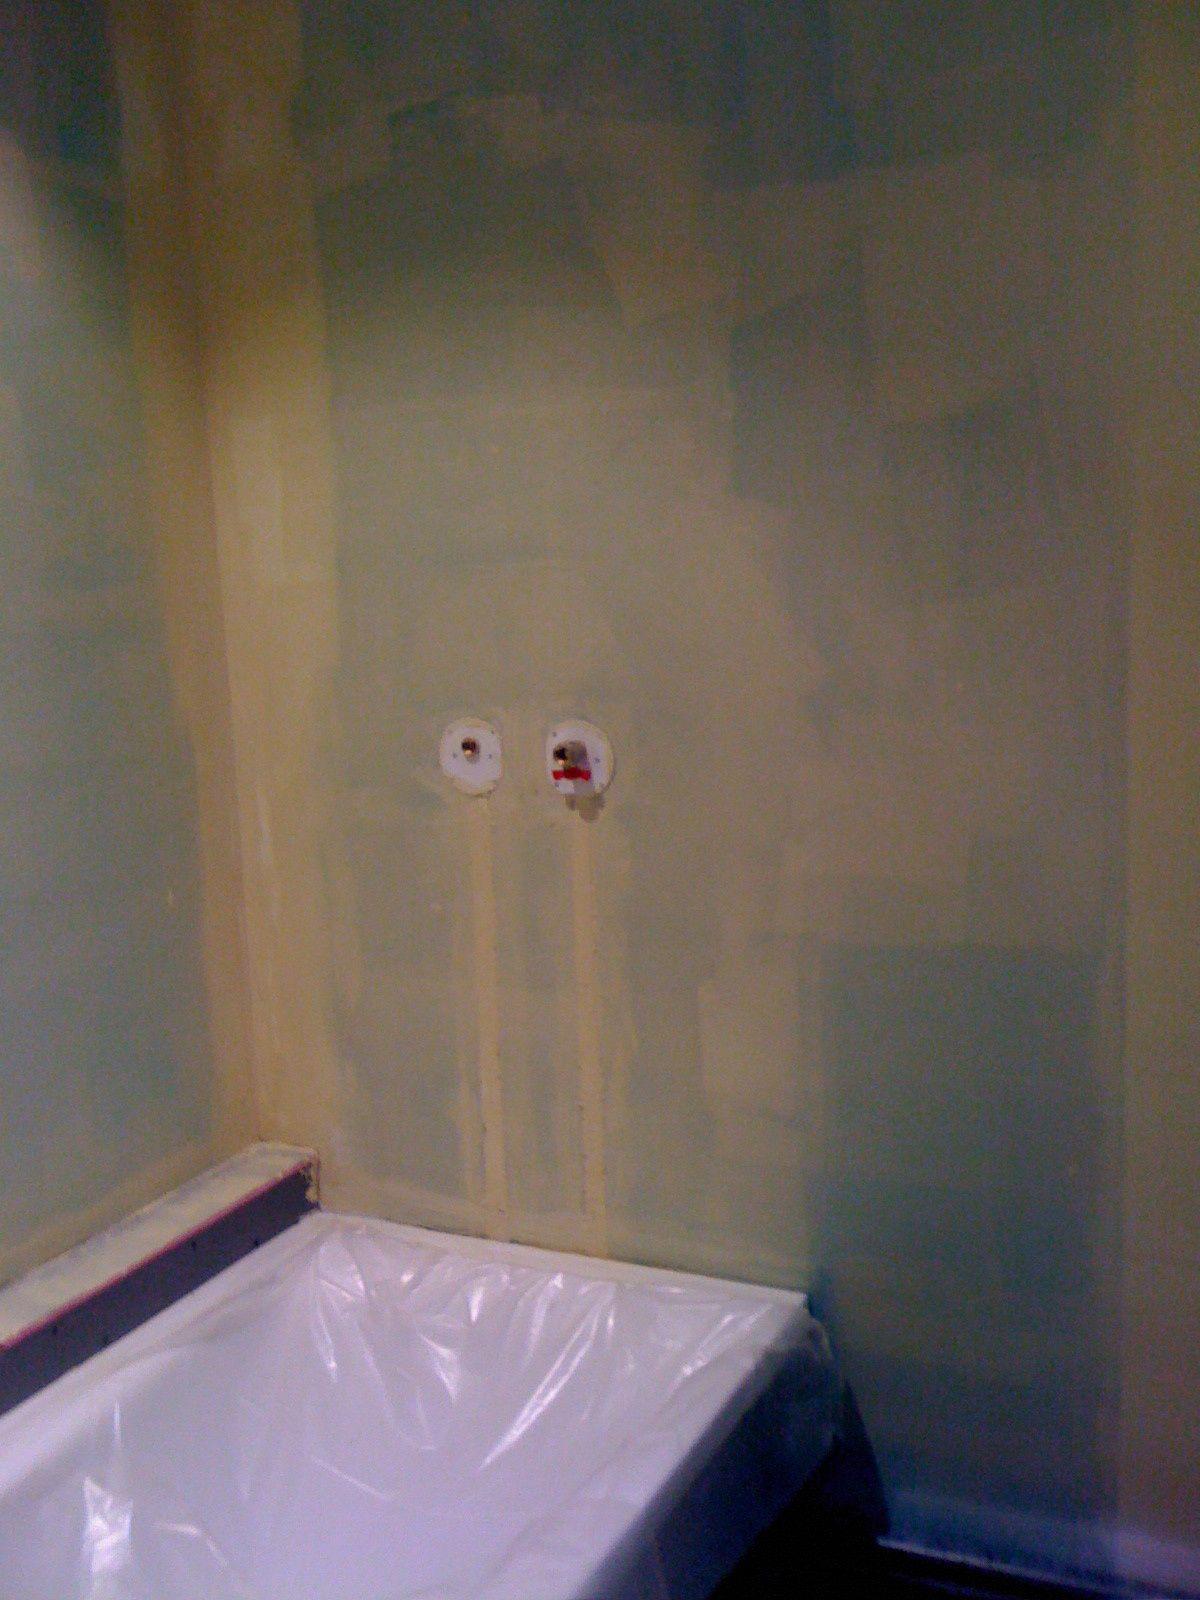 Comment Poser Baguette D Angle Carrelage poser la faïence de la salle de bain !! - autoconstruction